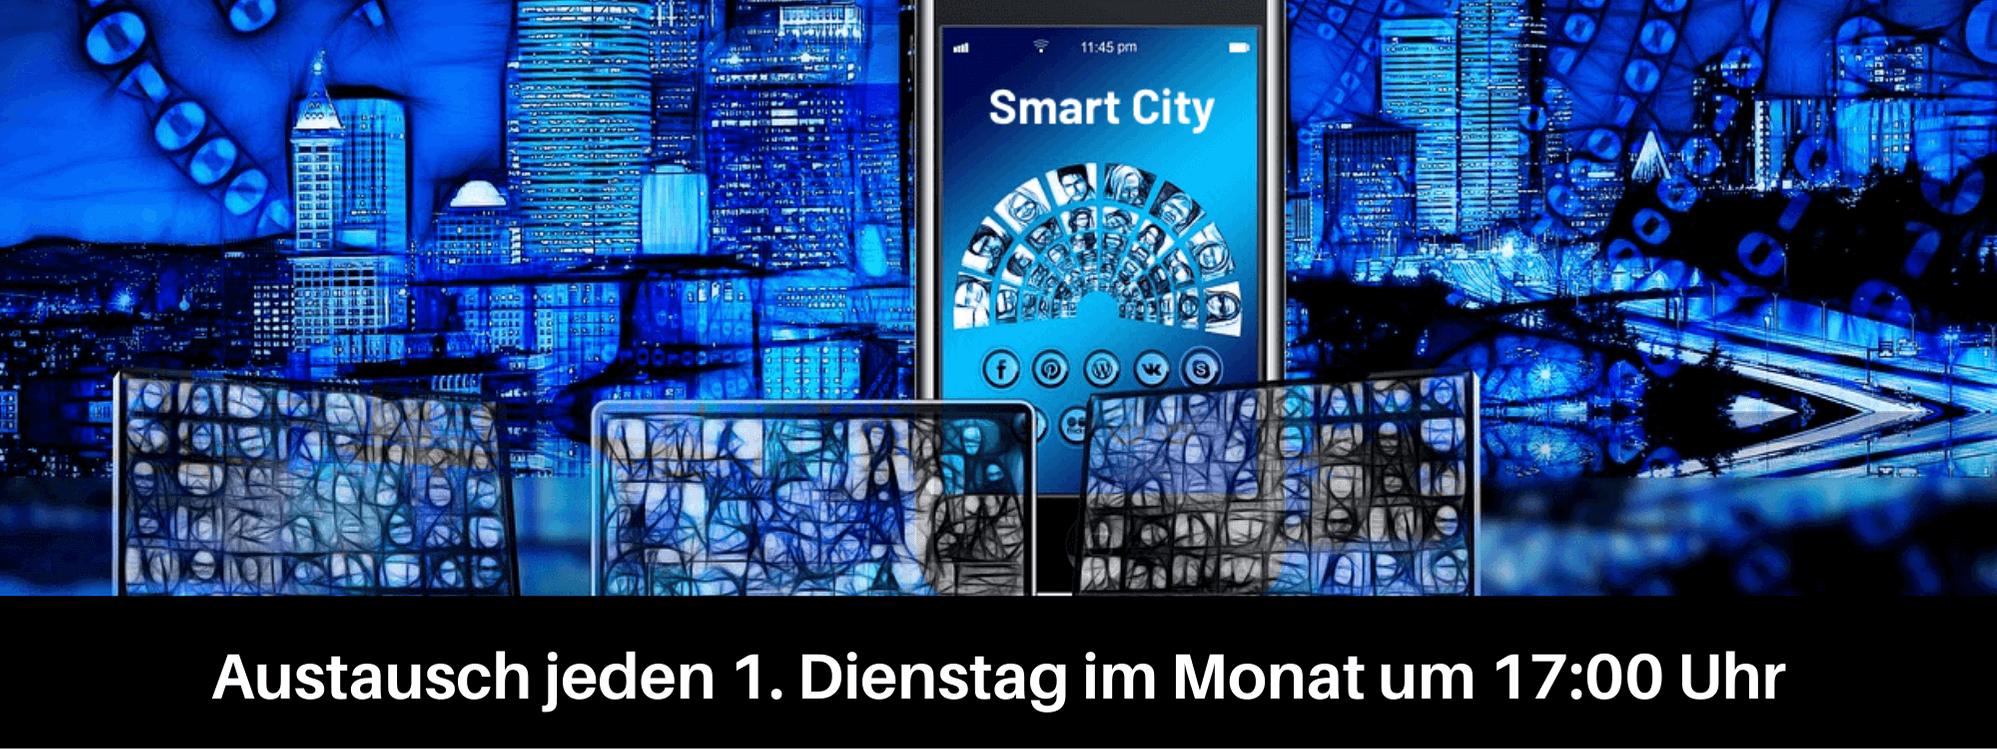 Smart City Mölln - Austausch jeden 1. Dienstag im Monat um 17:00 Uhr